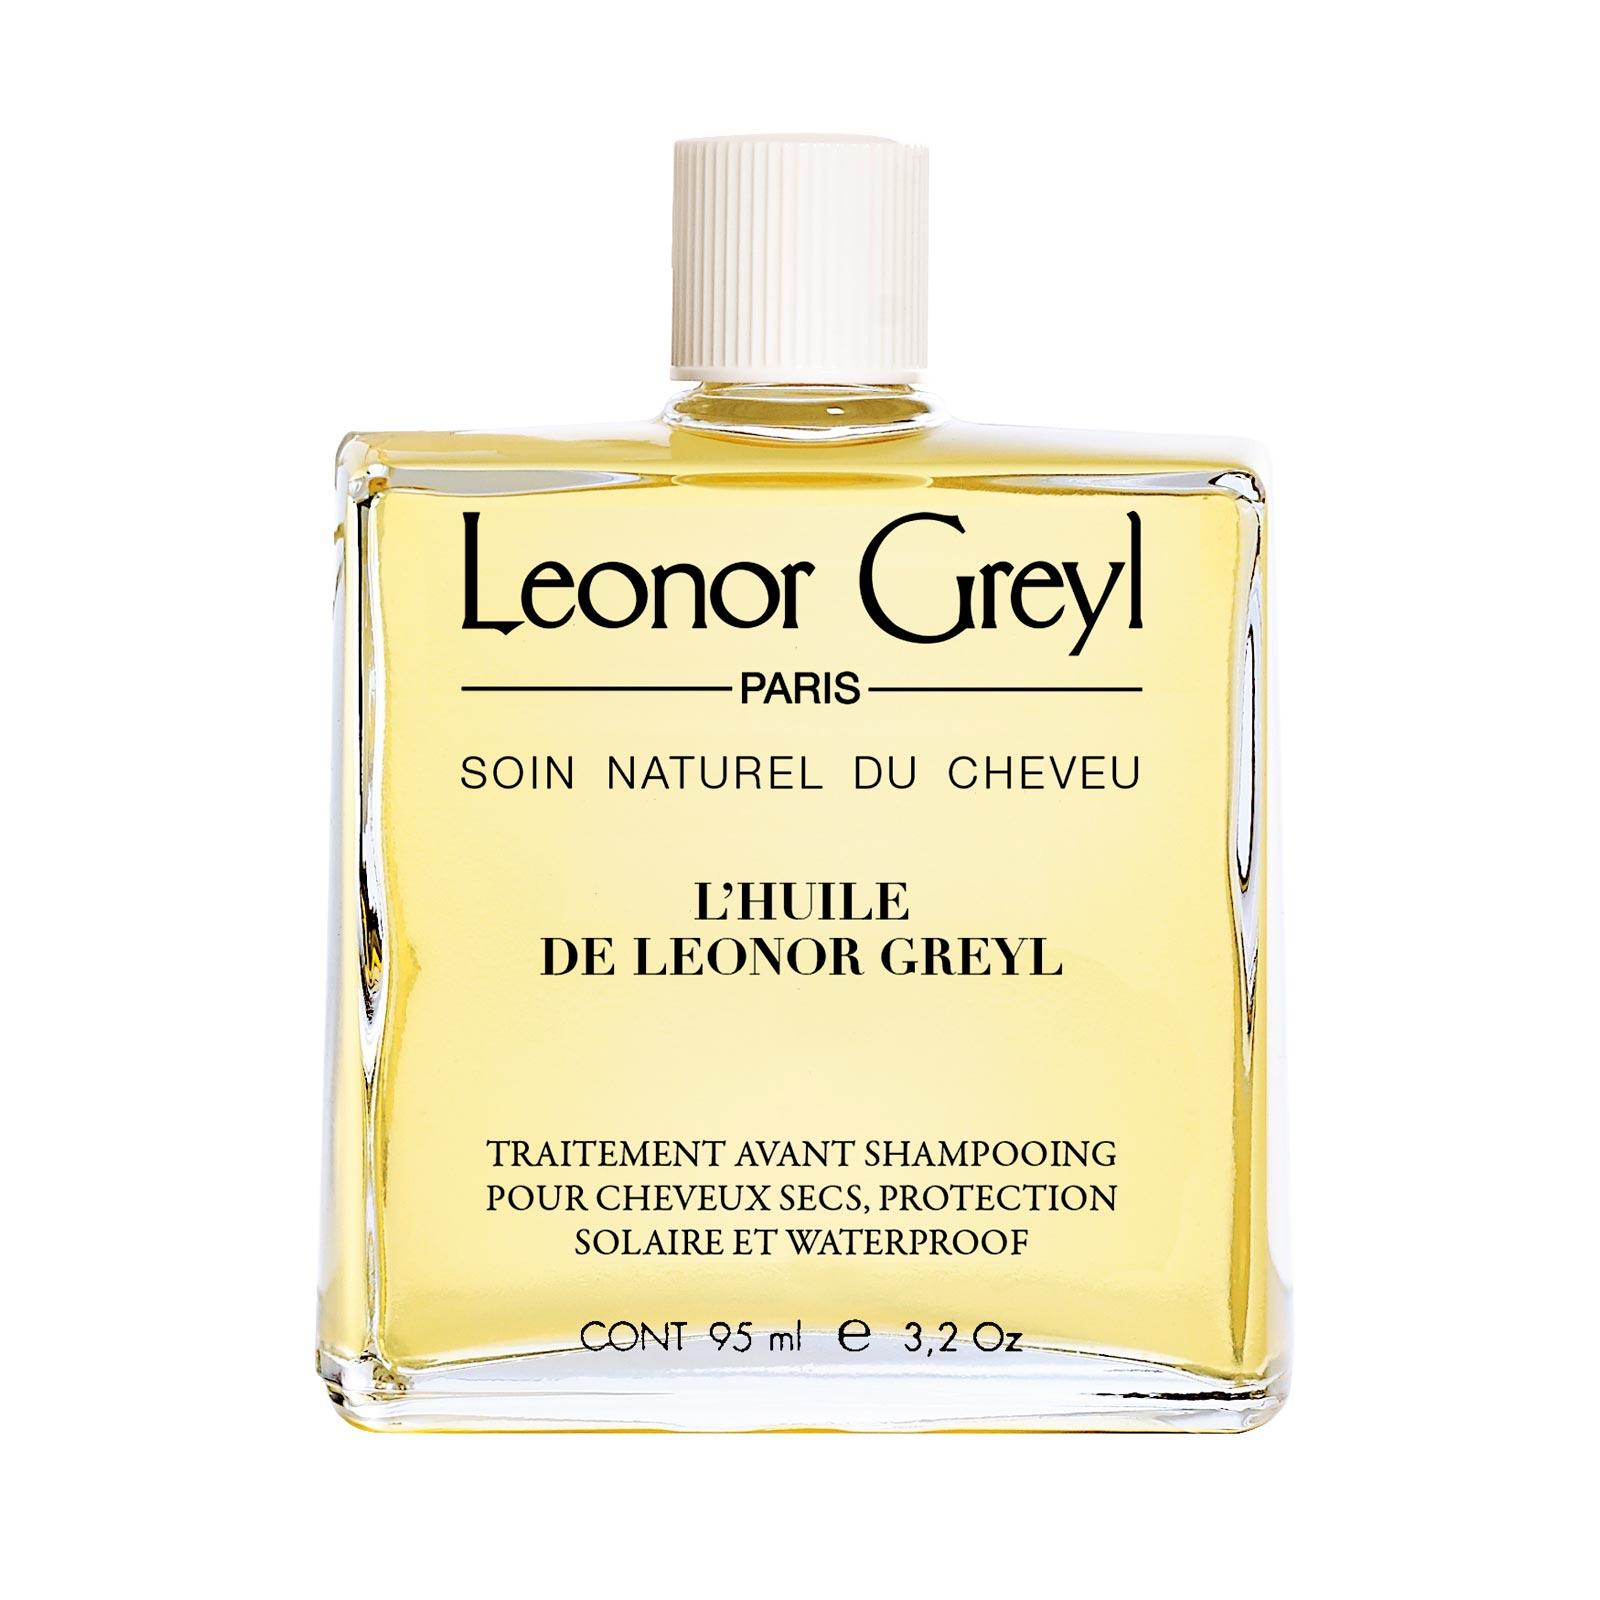 huile leonor greyl